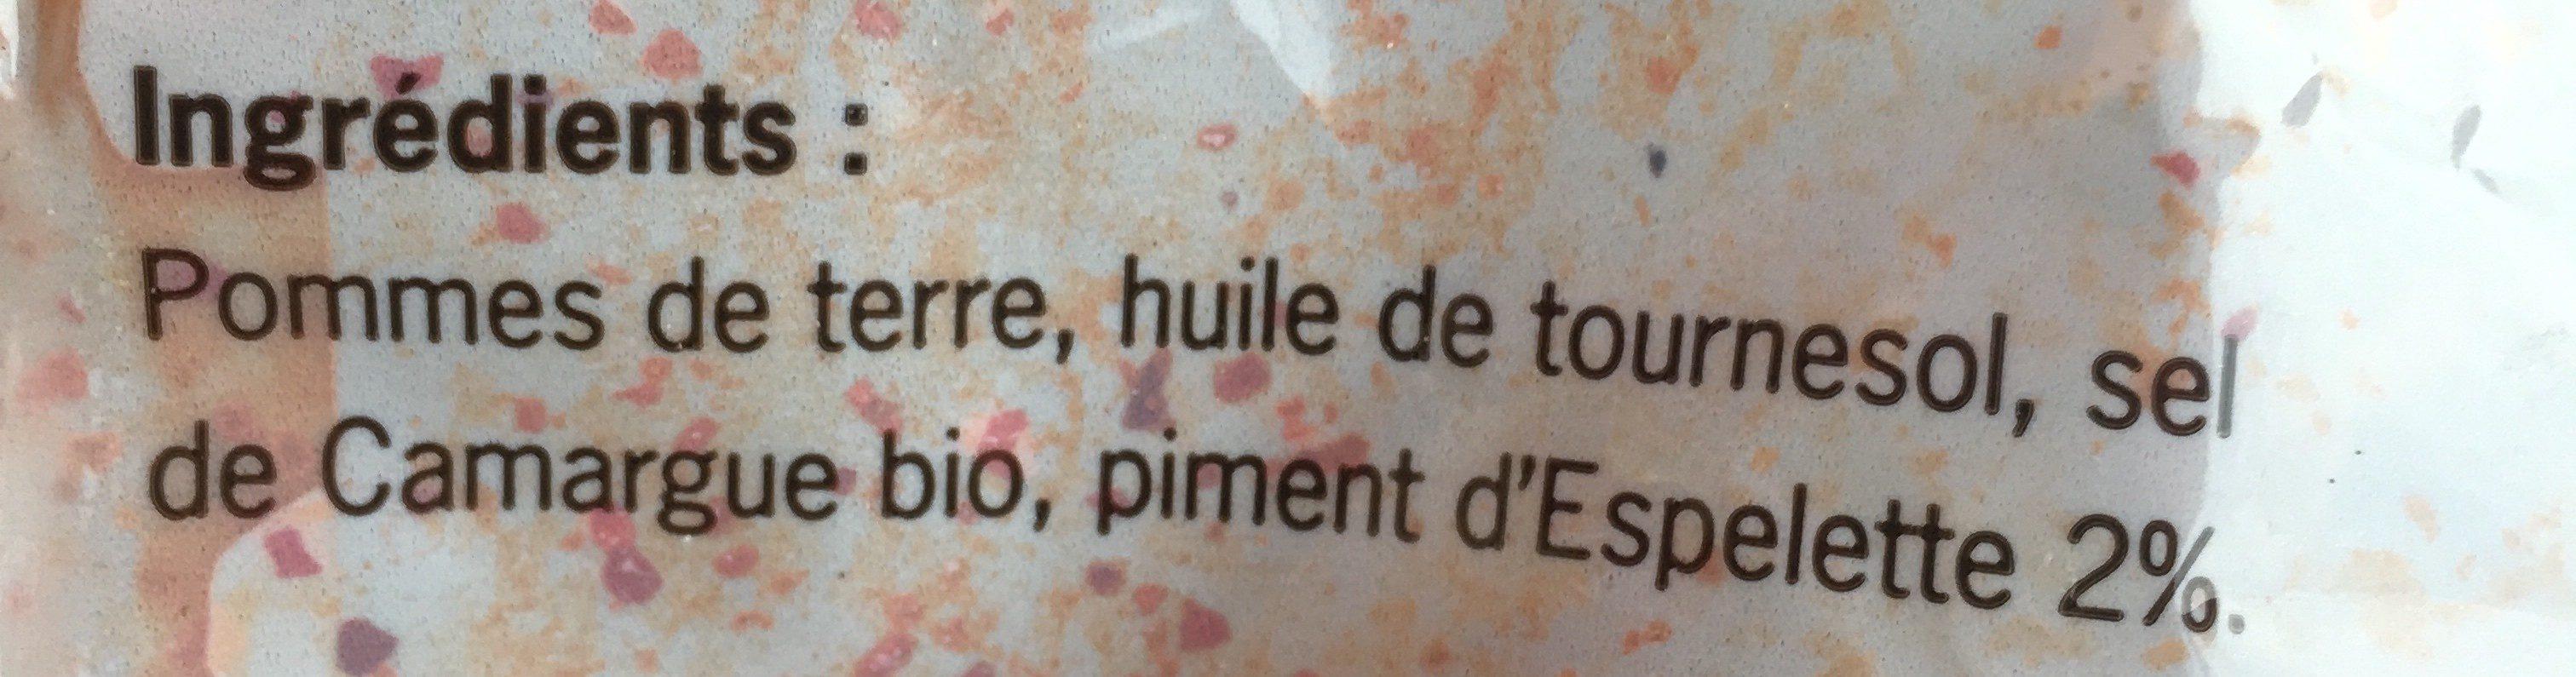 Les chips de l'Aveyron au piment d'Espelette - Ingrédients